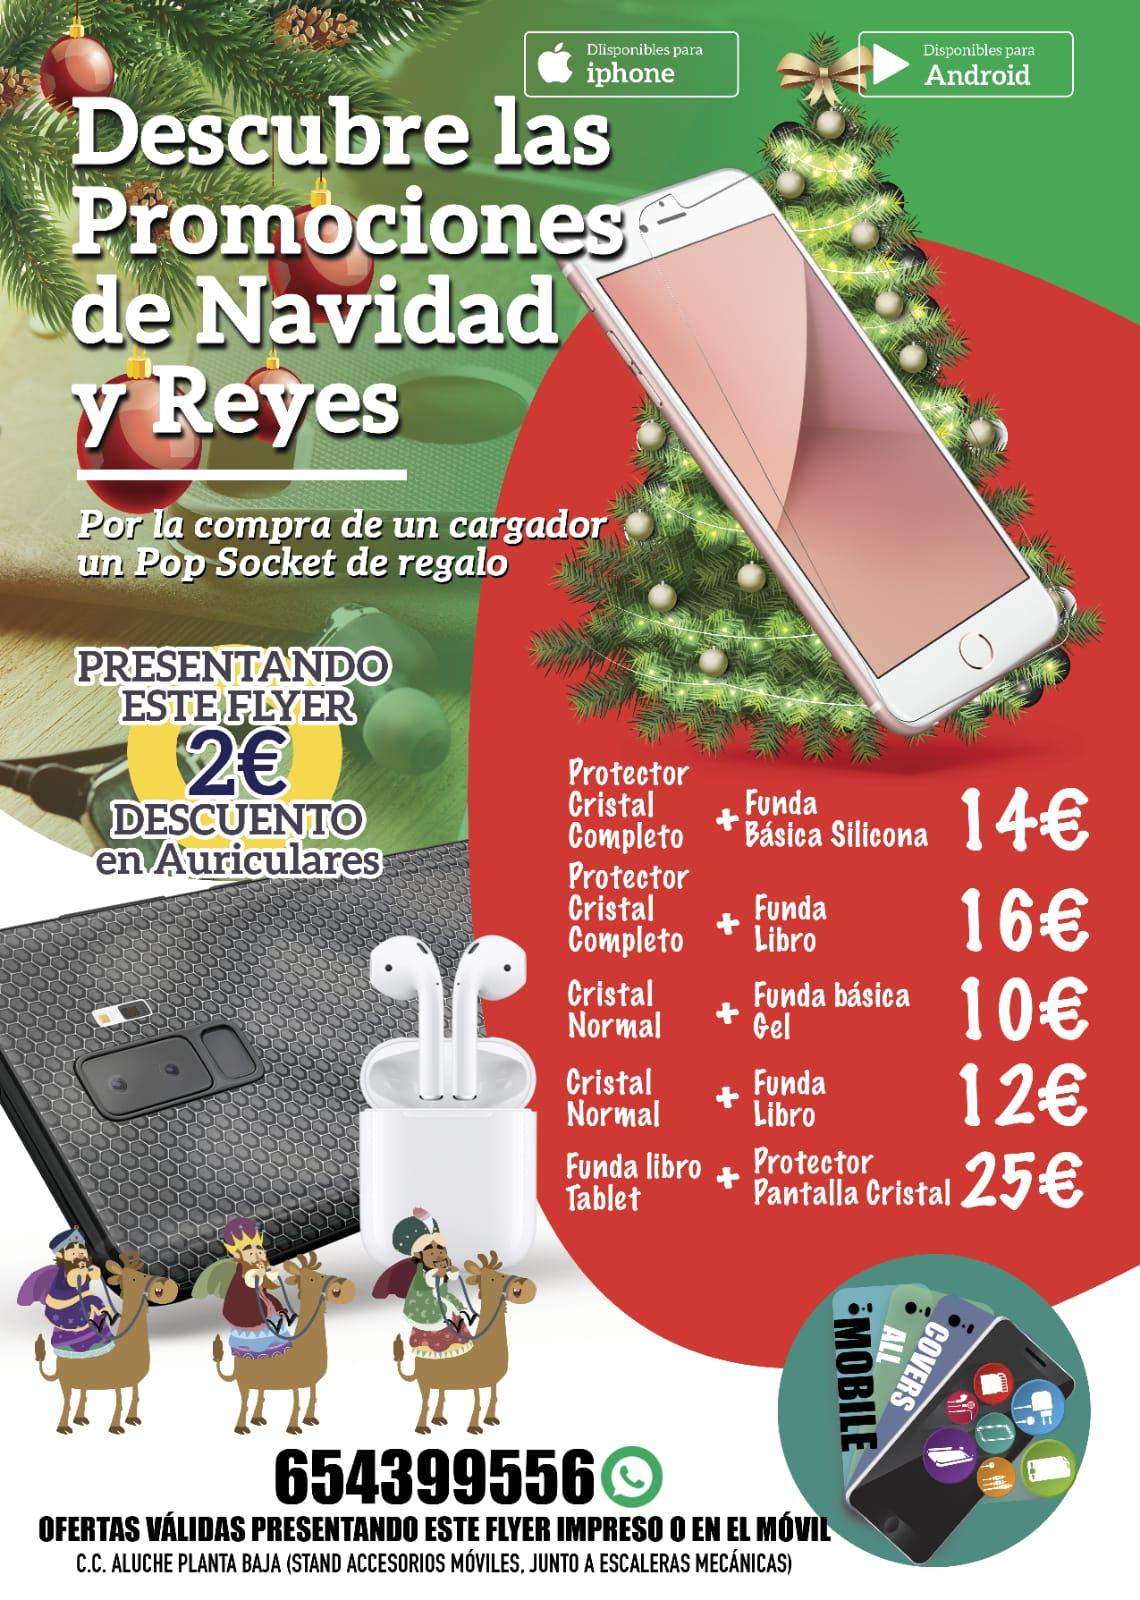 Descubre las Promociones de Navidad y Reyes